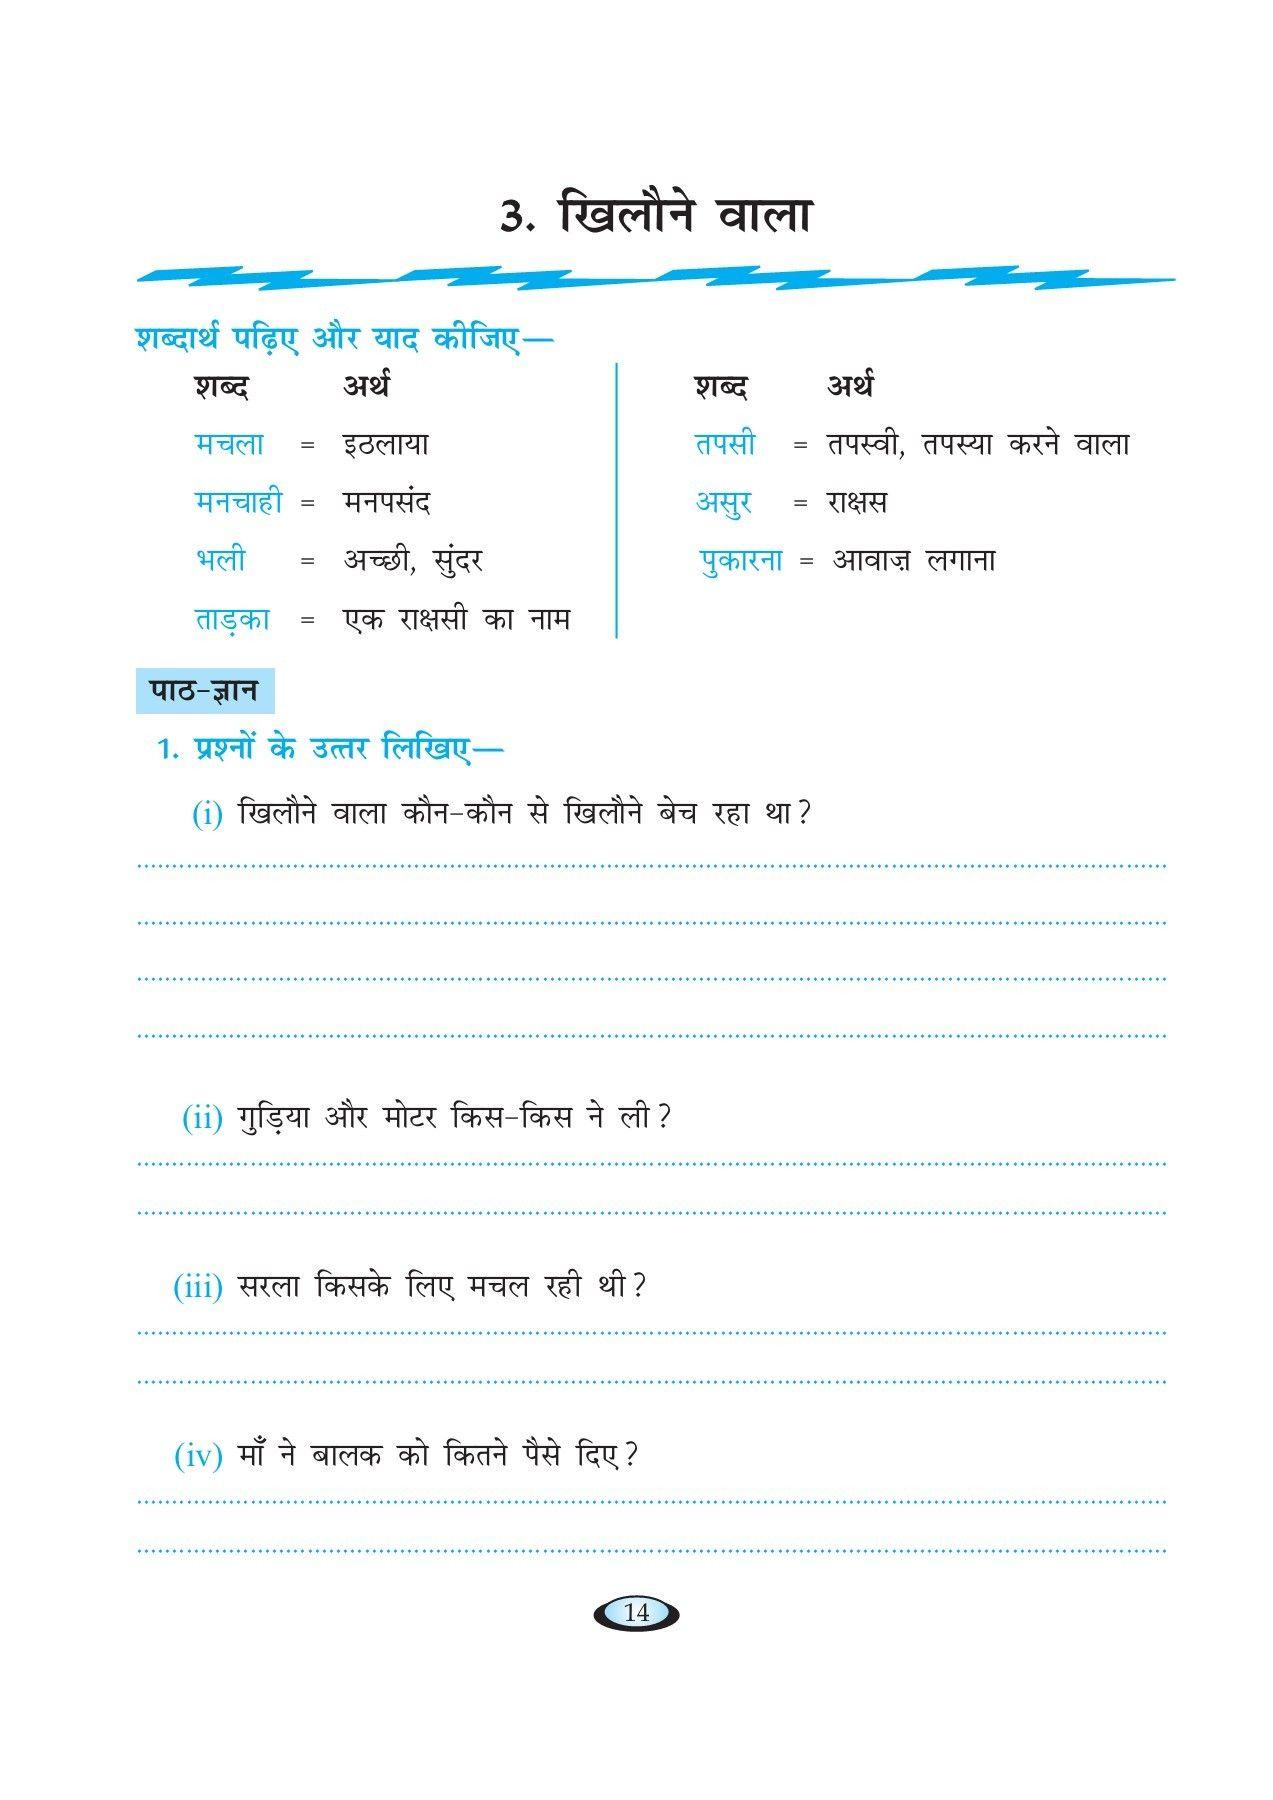 Rimjhim Abhyas Pustika Class 5 Hindi Worksheets Class Worksheets [ 1800 x 1273 Pixel ]